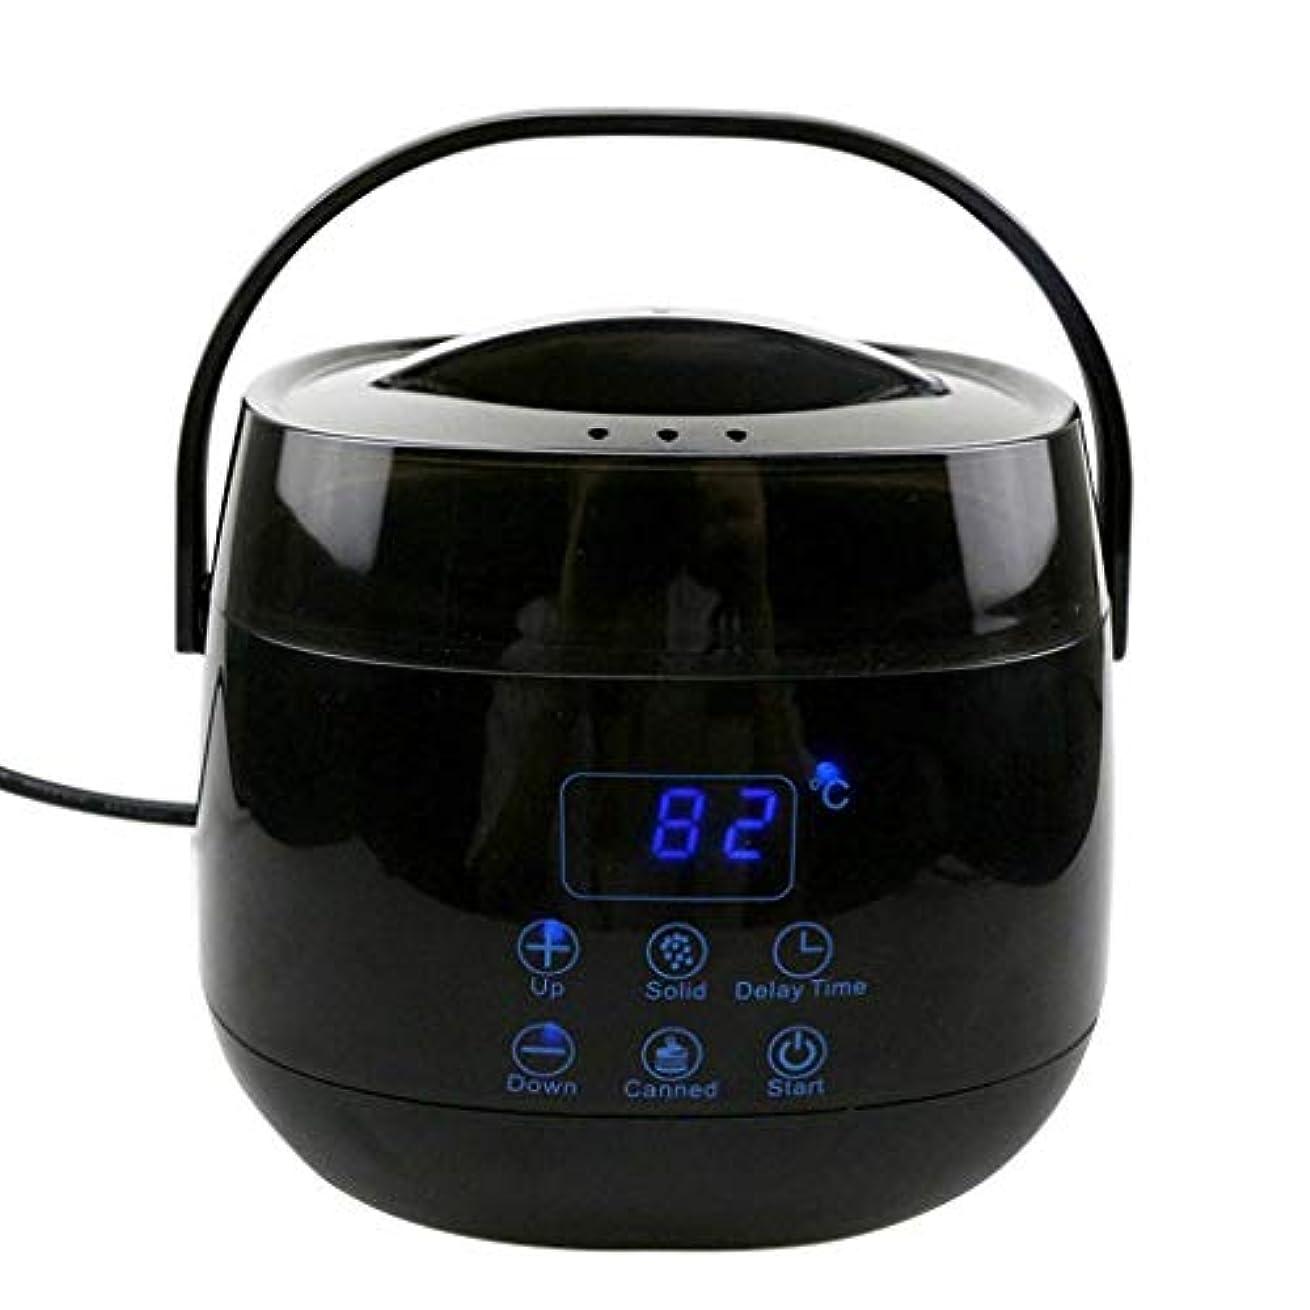 フリースホラー類似性ハードワックスLED表示ハードワックスワックスアプリケーターは、インテリジェント温度ワックスウォーマーワックスがけアプリケーターコントロールシステムタッチボタン急速融解スティック